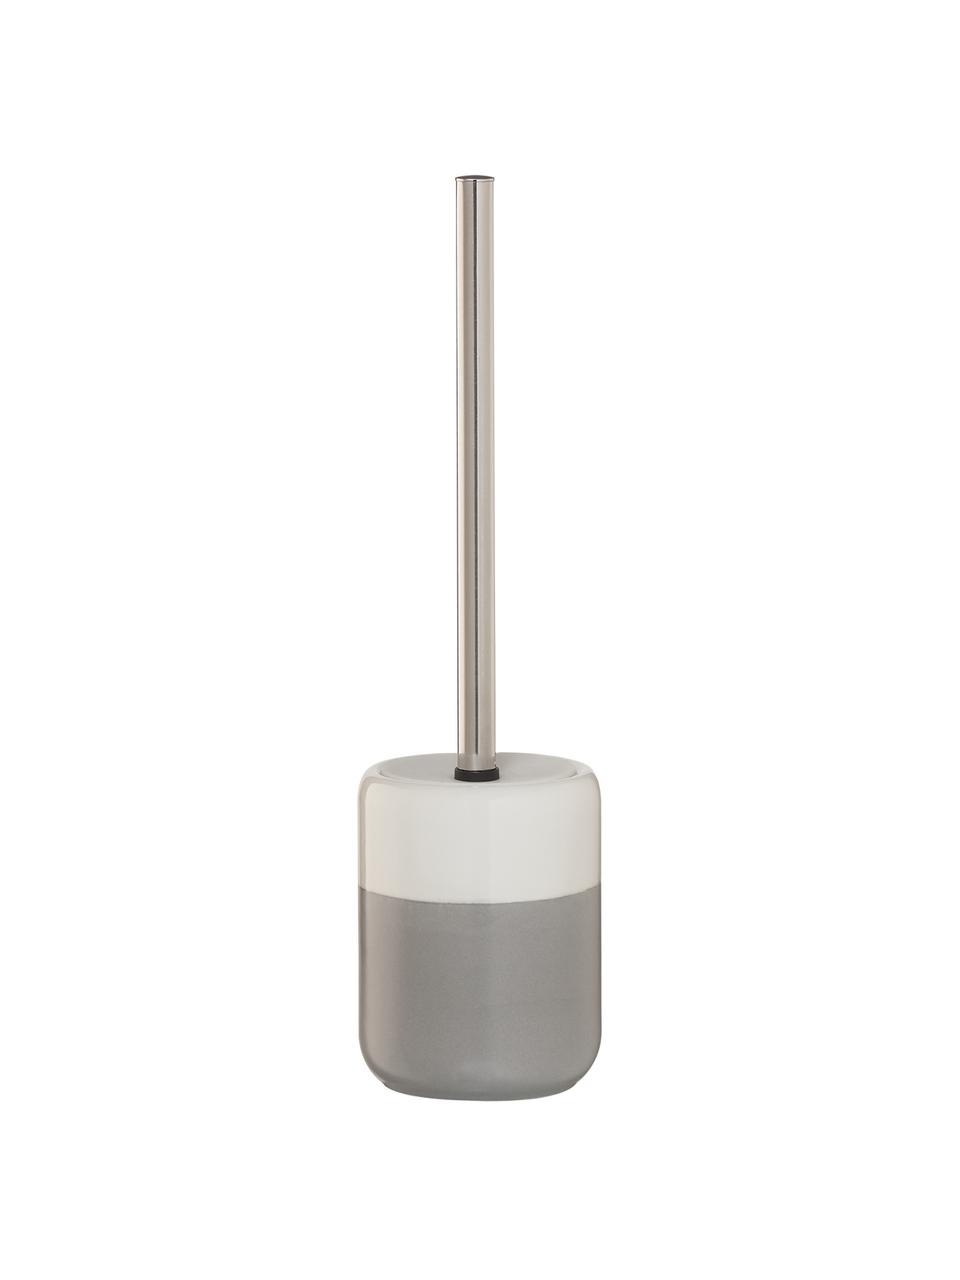 Toilettenbürste Sphere mit Porzellan-Behälter, Gefäß: Porzellan, Gefäß: Hellgrau, WeißToilettenbürste: Edelstahl, Ø 10 x H 38 cm